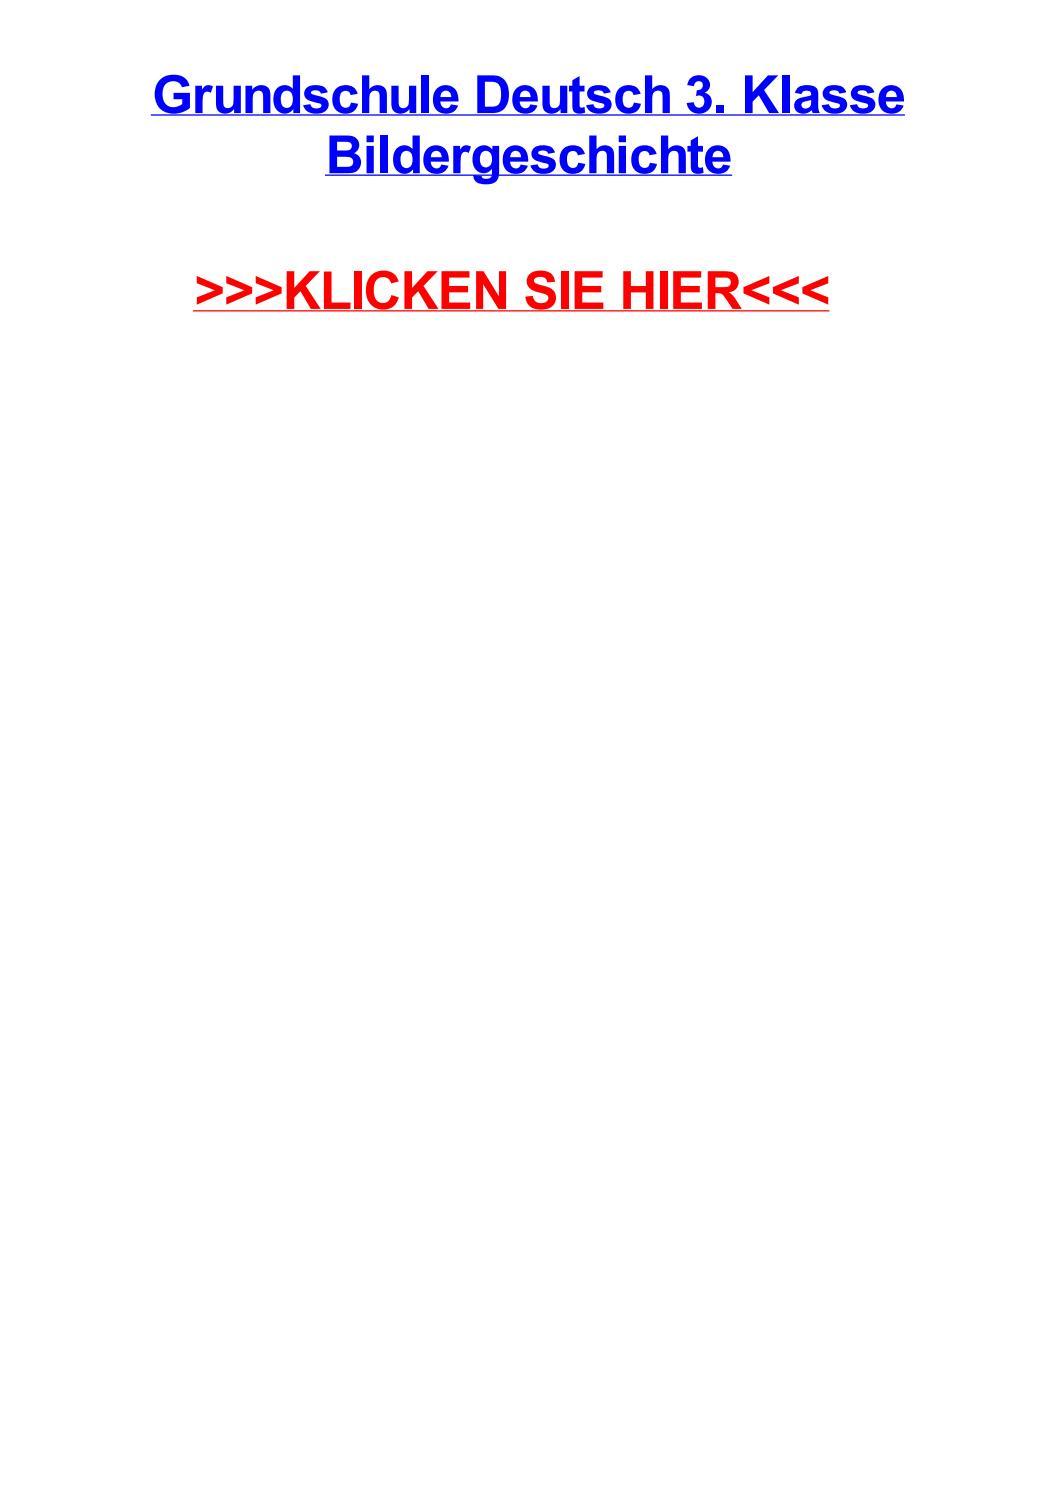 Grundschule Deutsch 3 Klasse Bildergeschichte By Richardetuyz Issuu